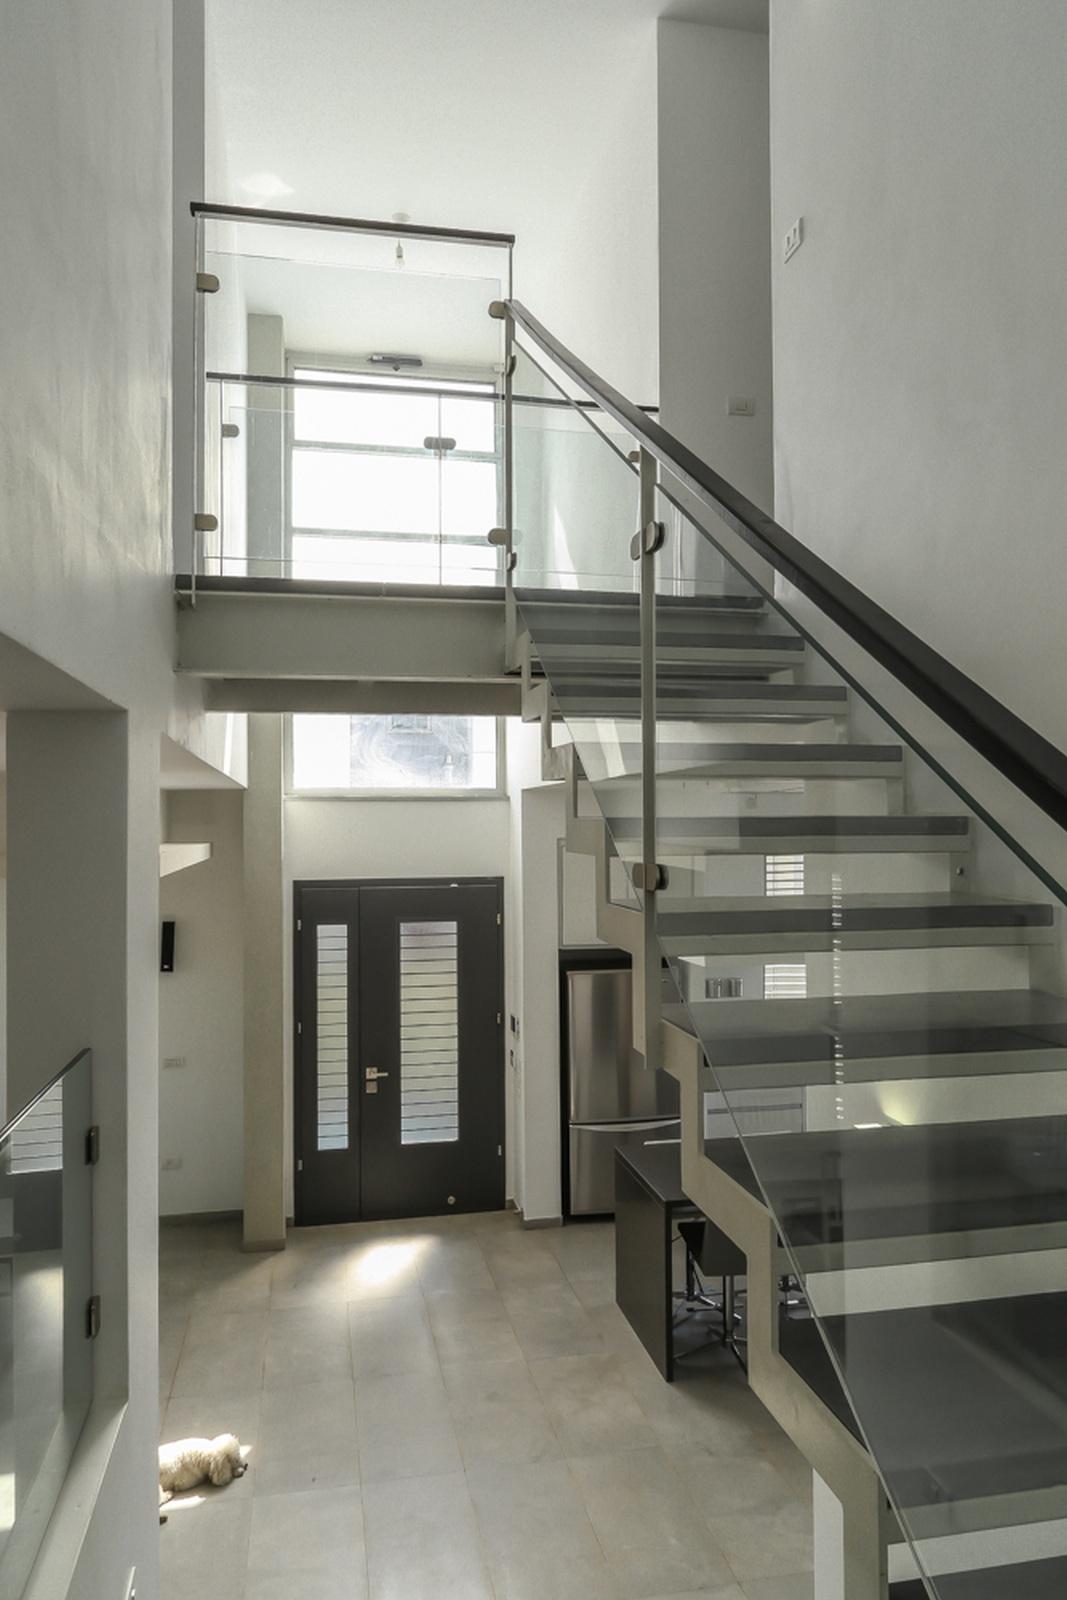 חלל כפול ומדרגות ברזל ובטון. בחירת חומרי גמר